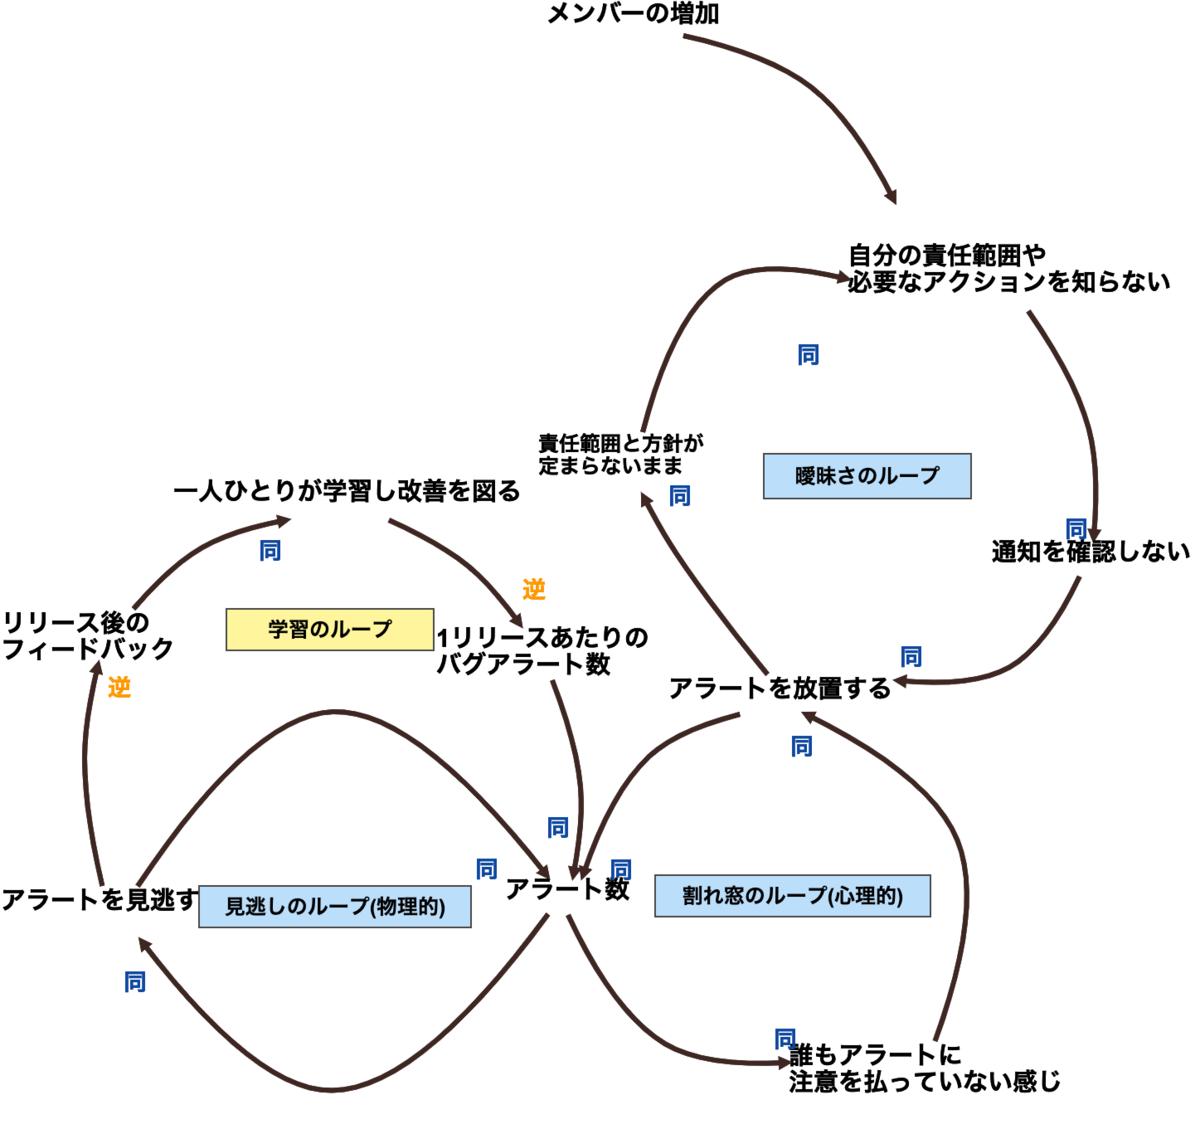 f:id:uuushiro:20200814173234p:plain